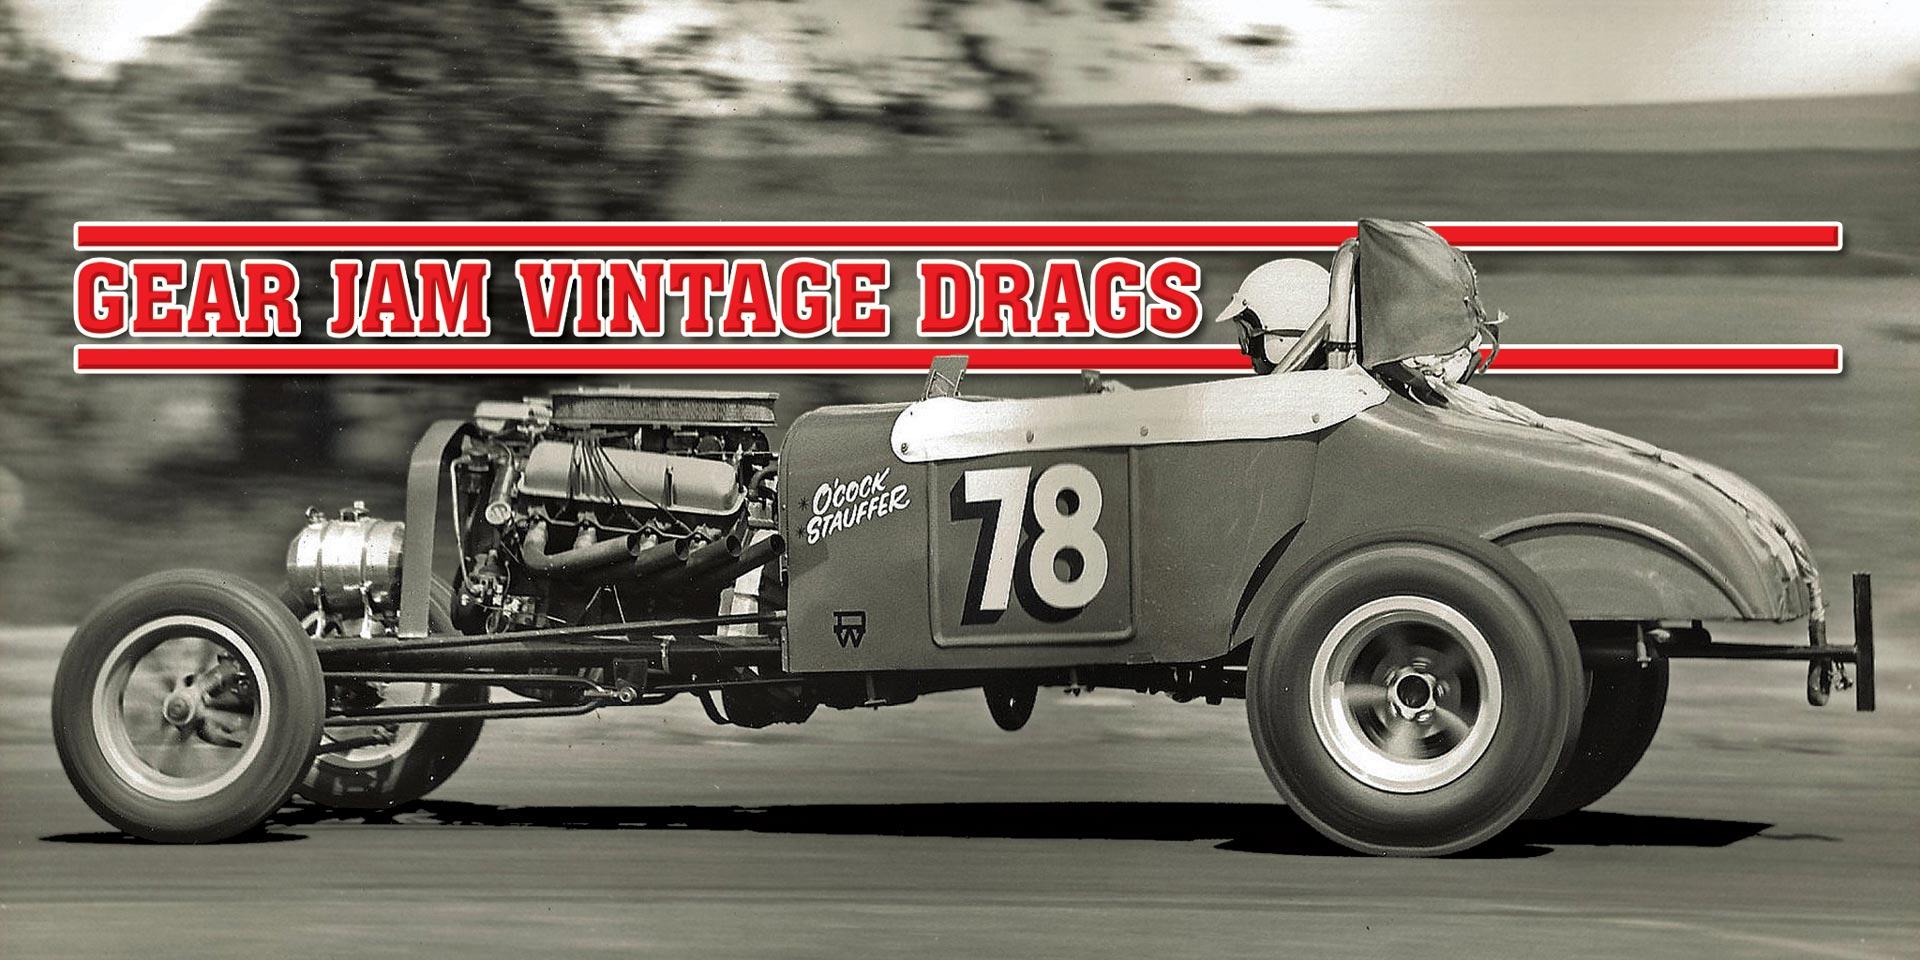 GearJam Vintage Drags